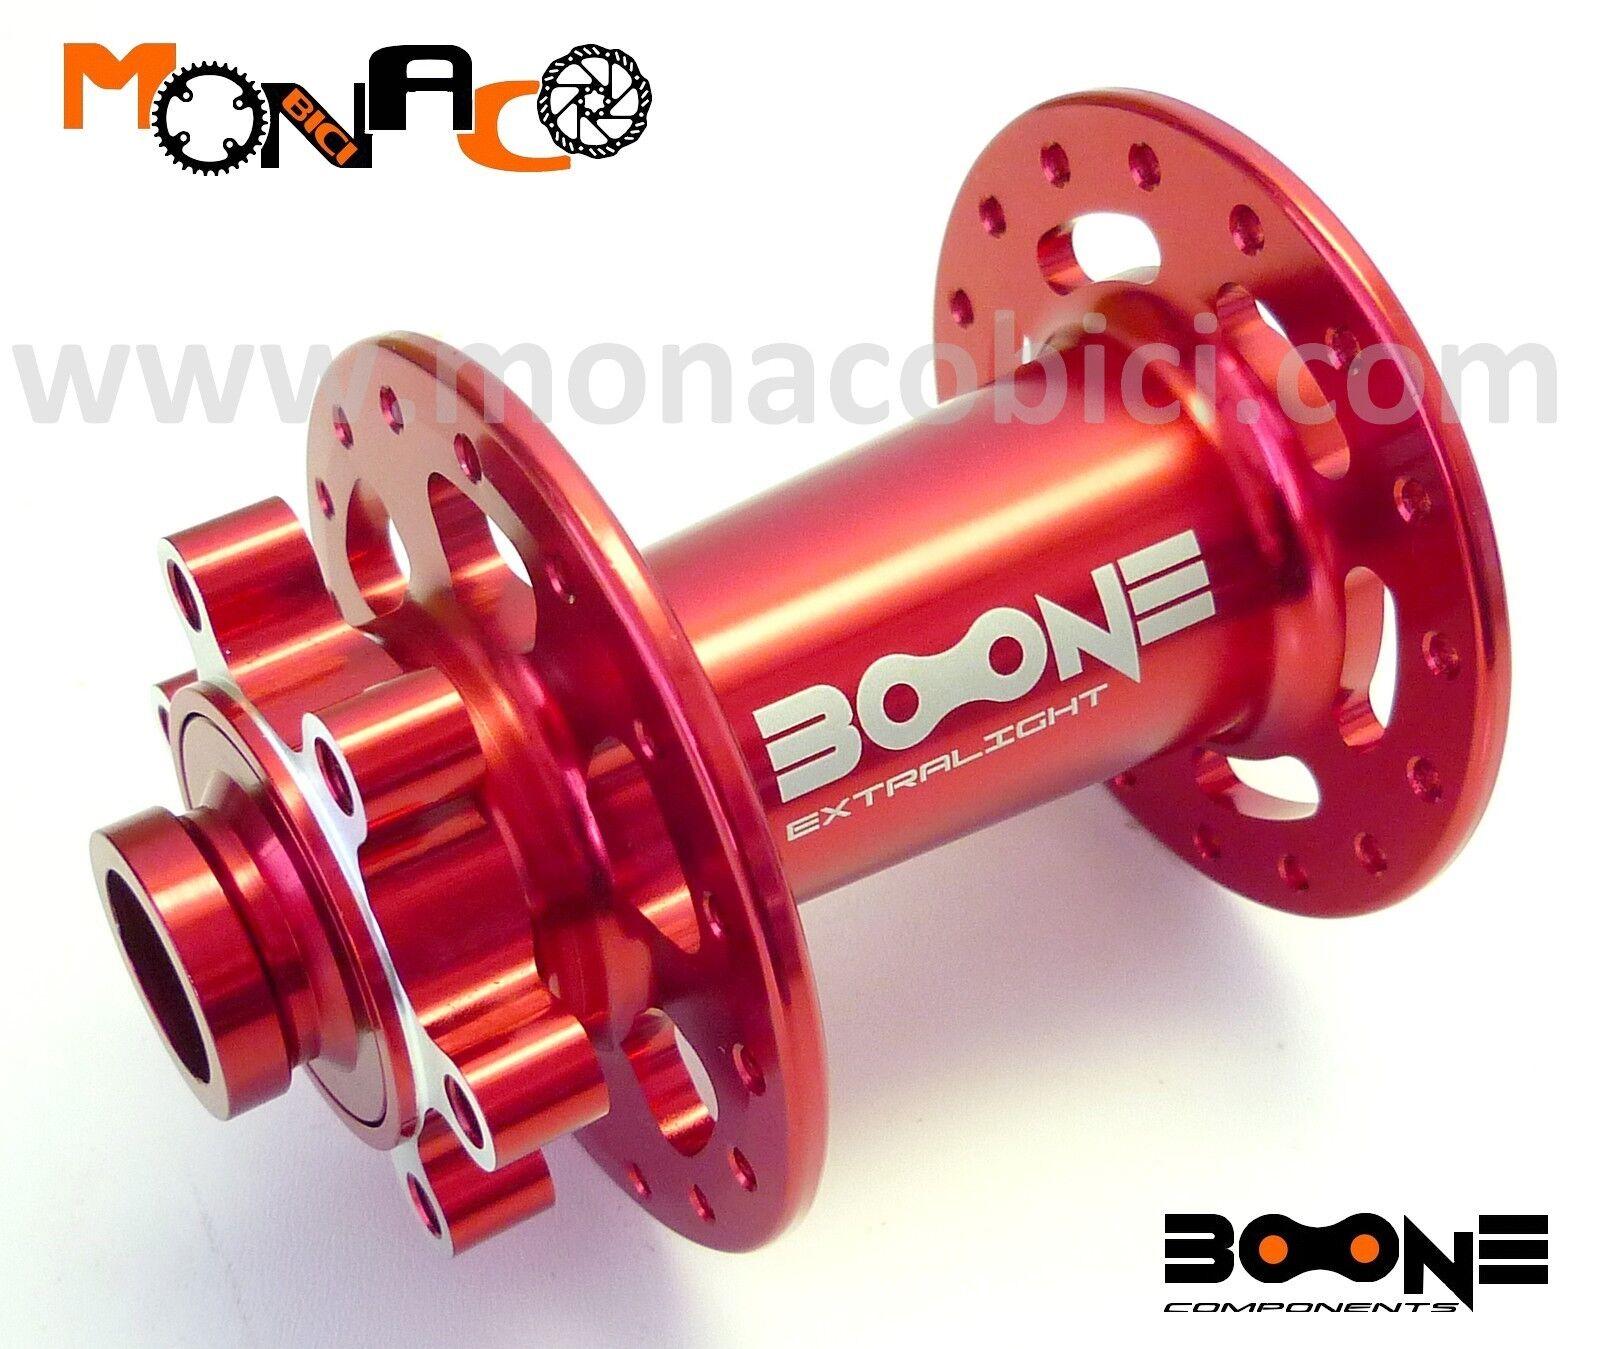 MOZZO ANTERIORE MTB DISCO BOONE EXTRALIGHT DH 110x20 red 32 FORI